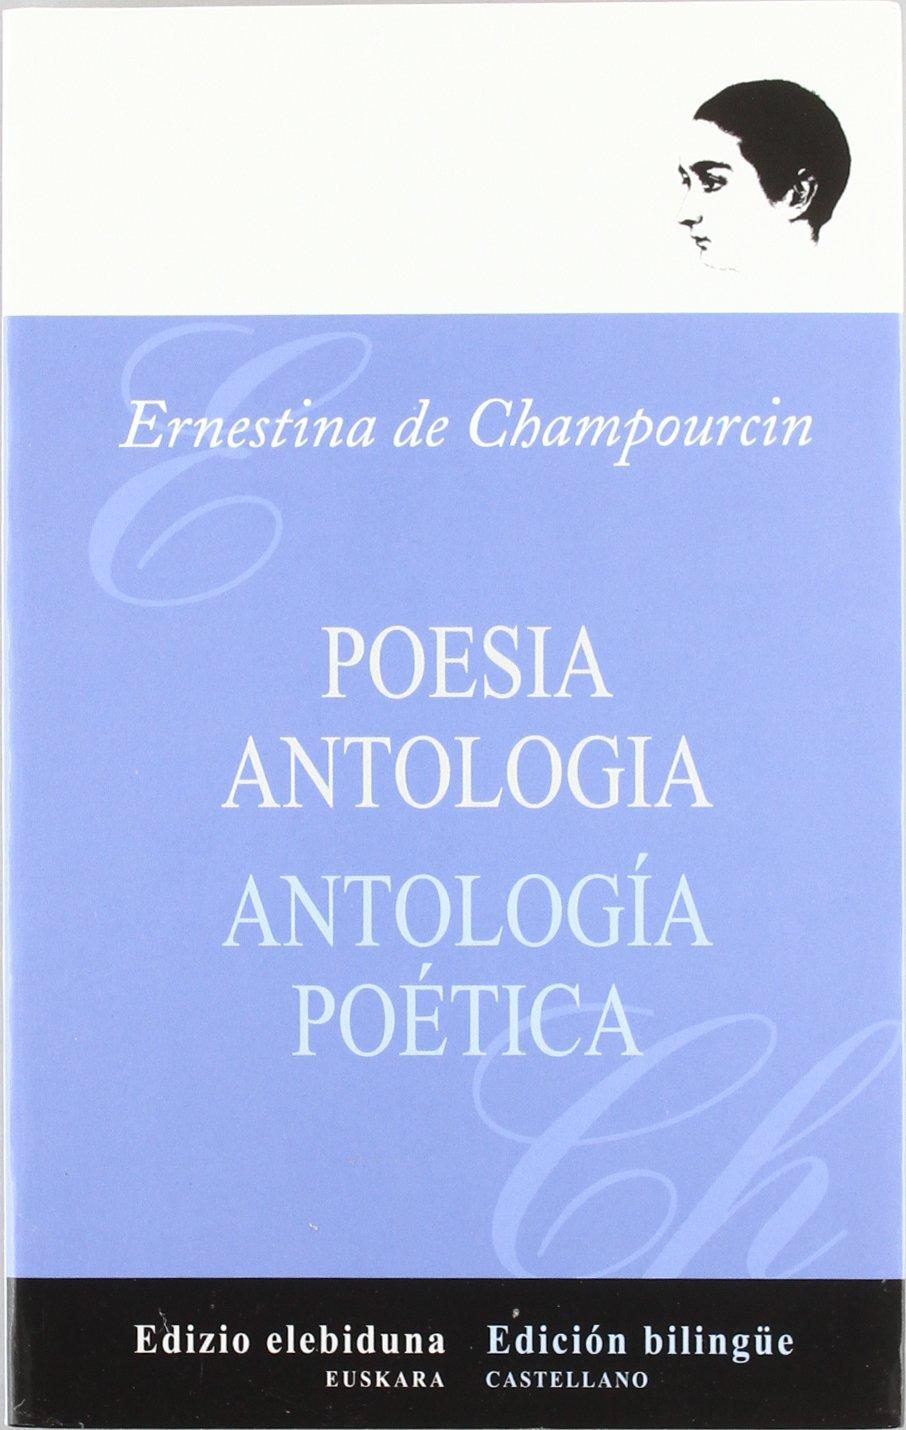 Poesia Antologia (ernestina De Champourcin) (Euskera) Tapa blanda – 23 jun 2010 Arabako Foru Aldundia 8478216278 Poesía Poetry